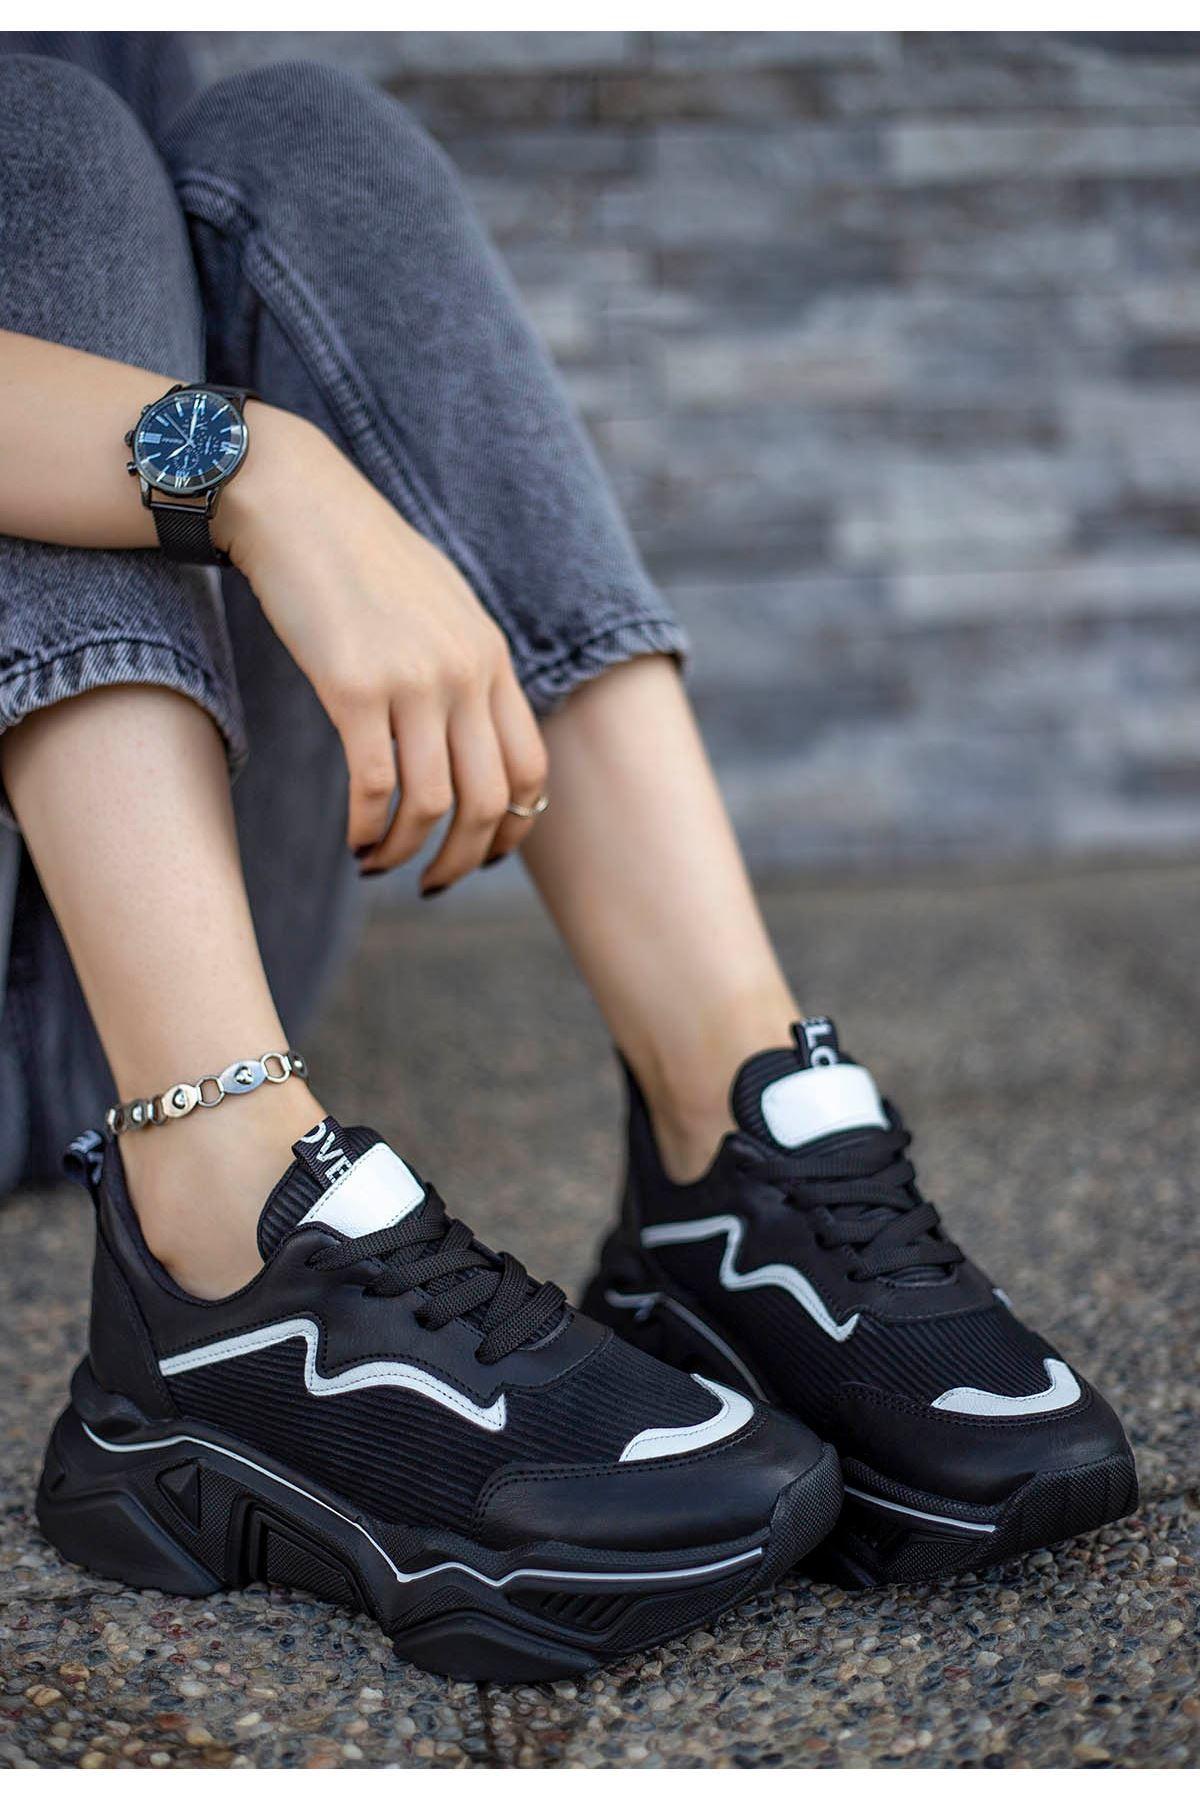 Vira Siyah Cilt Beyaz Rugan Şeritli Spor Ayakkabı